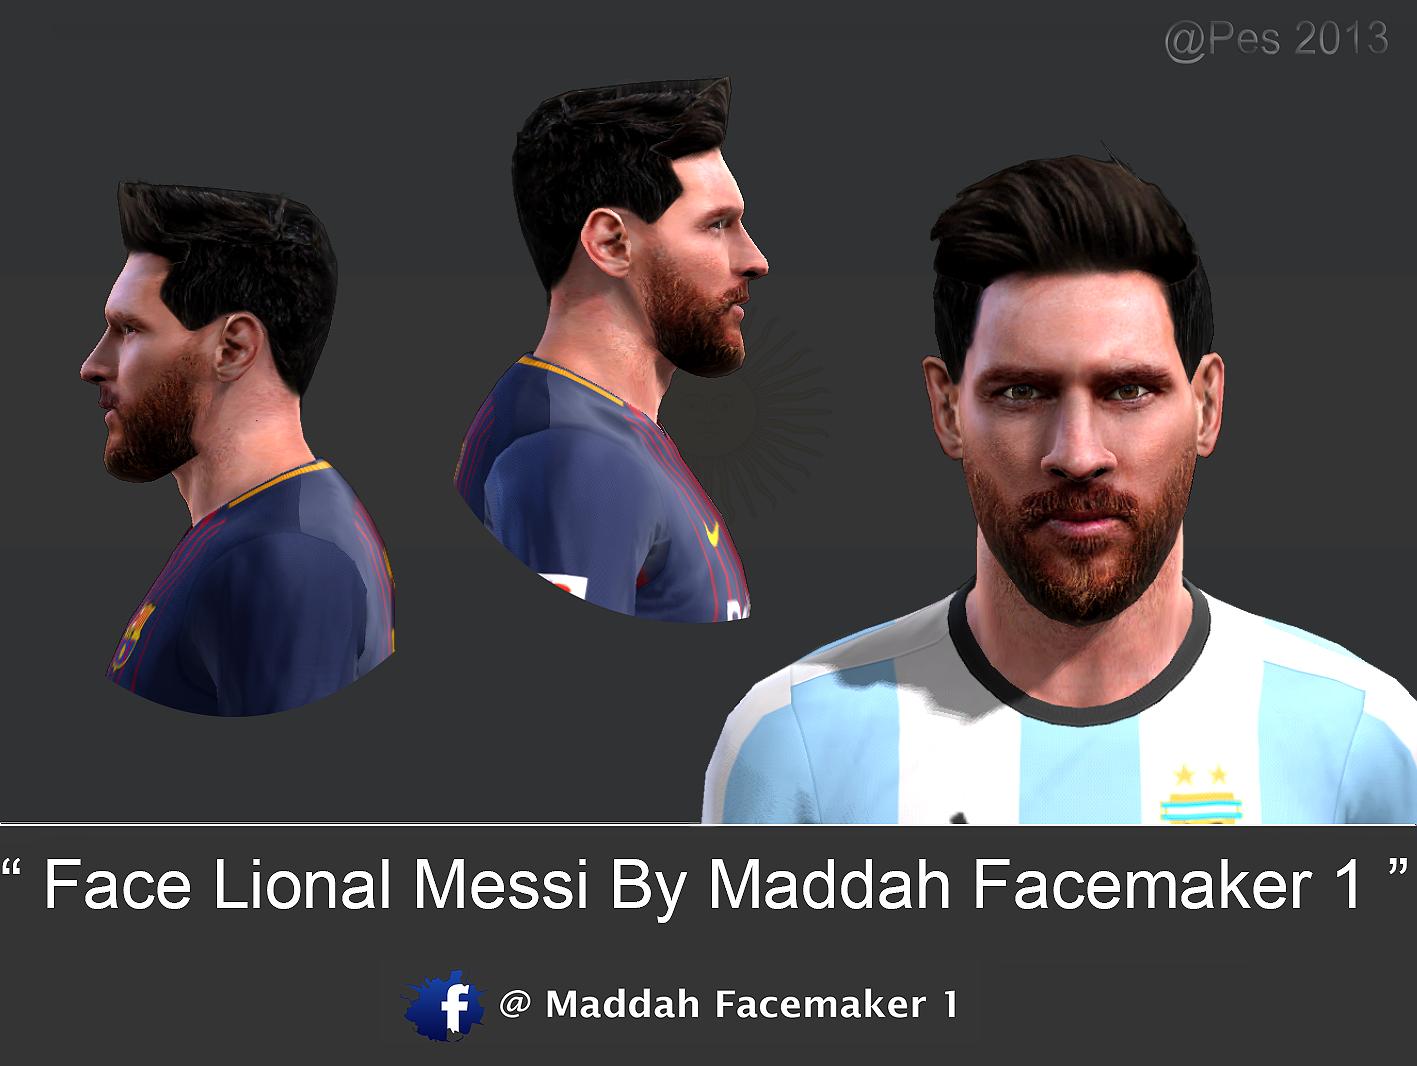 maddah